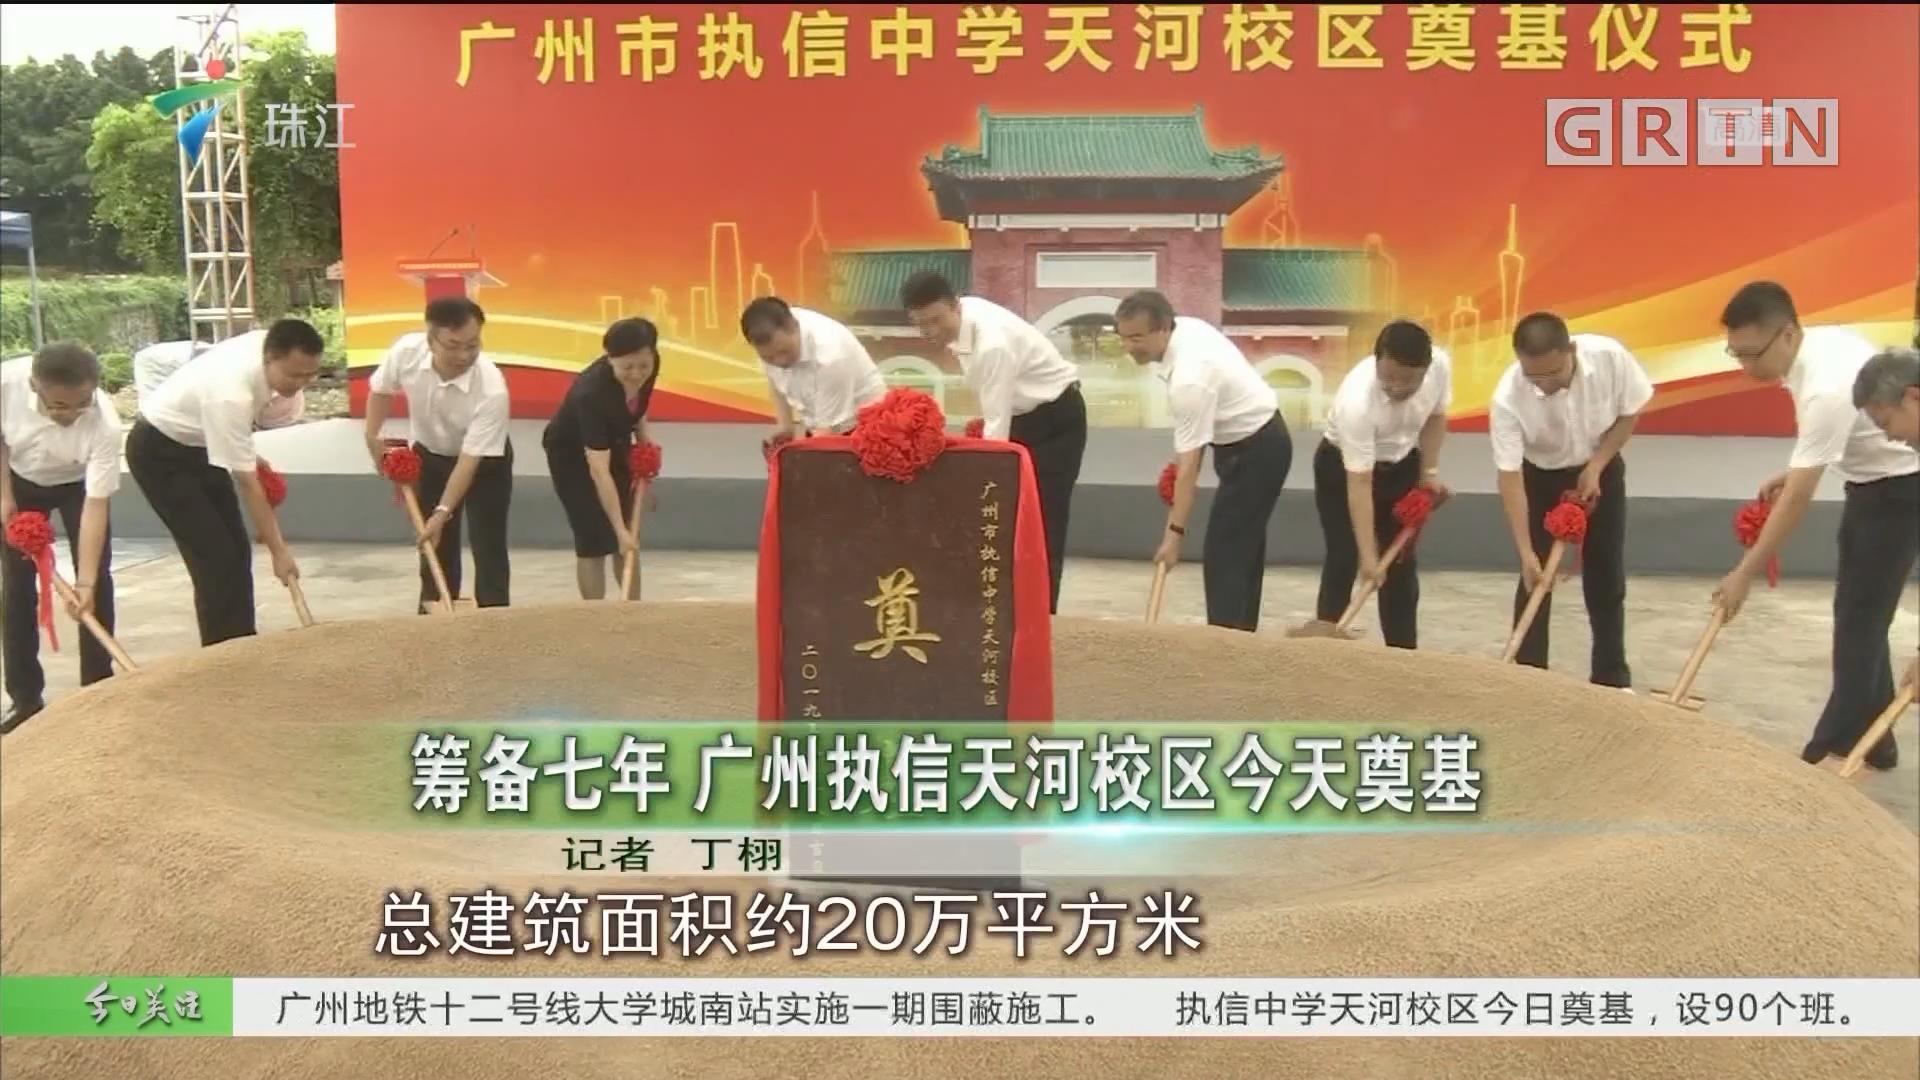 筹备七年 广州执信天河校区今天奠基